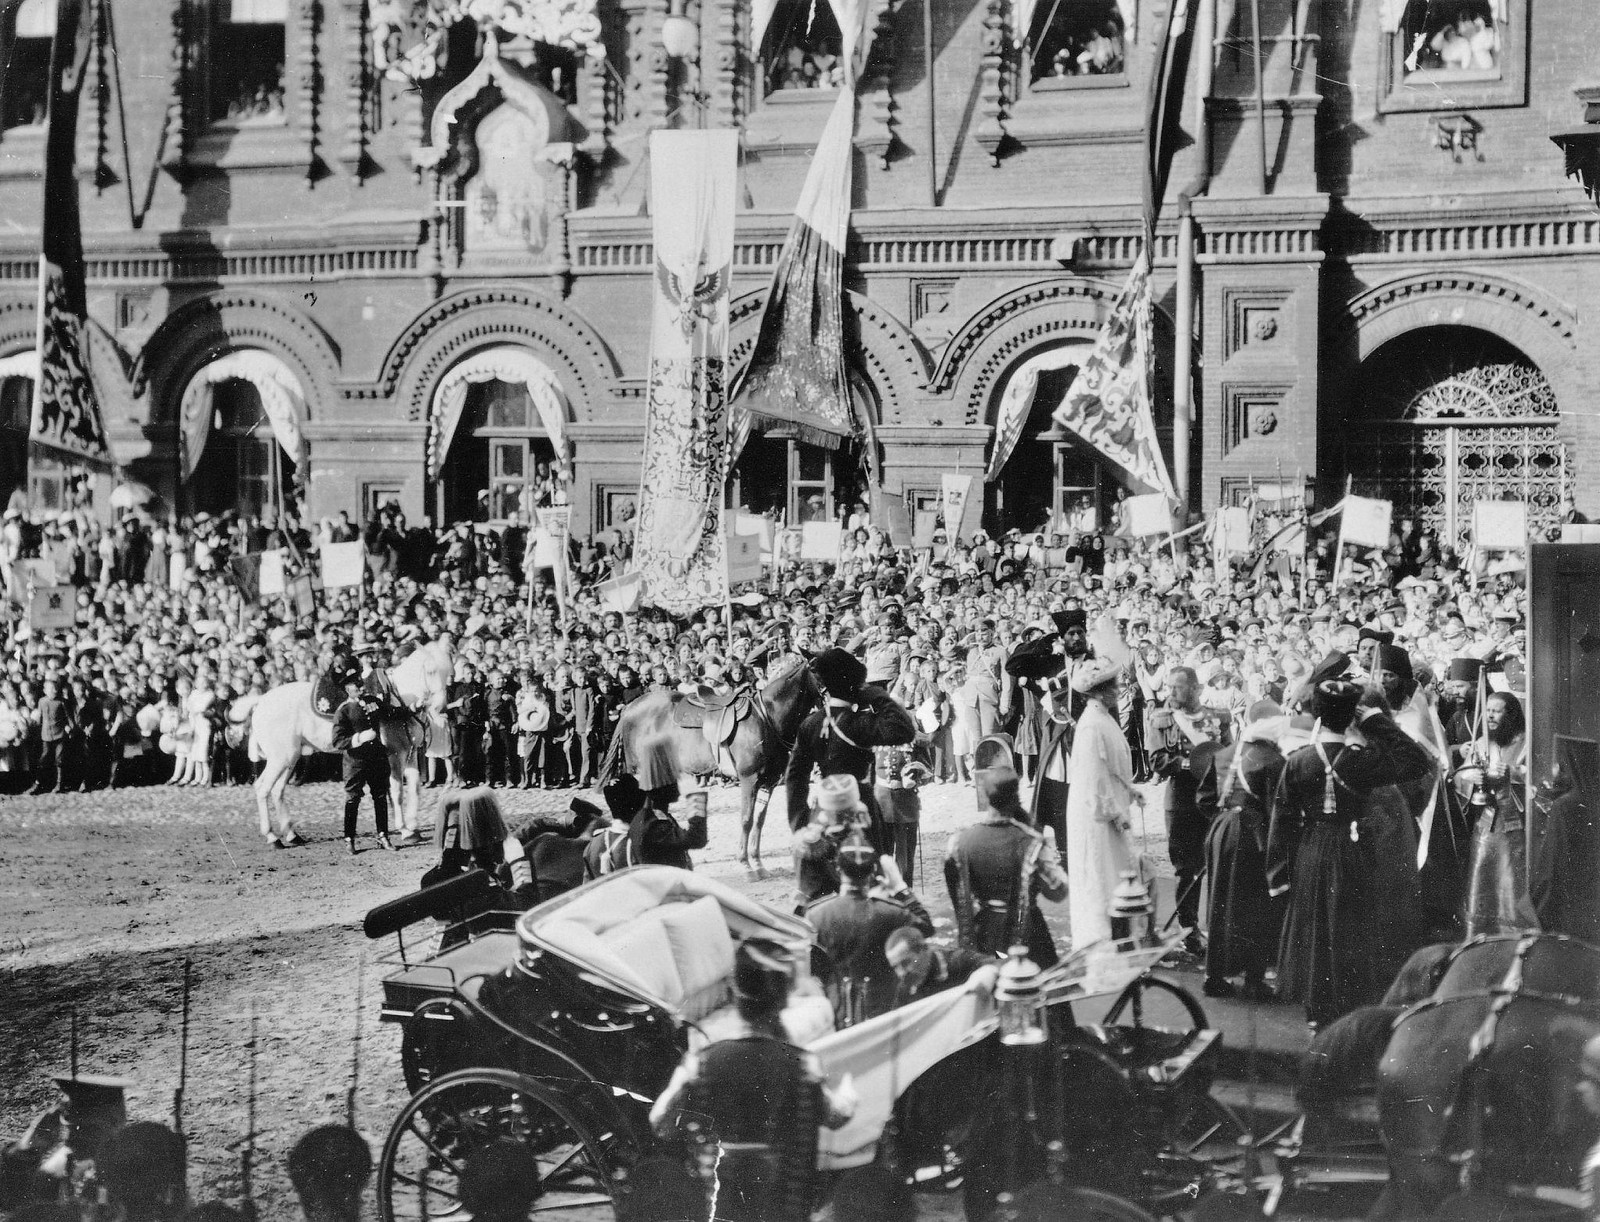 1912. Прибытие Их Императорских Величеств в Москву. У Иверской часовни